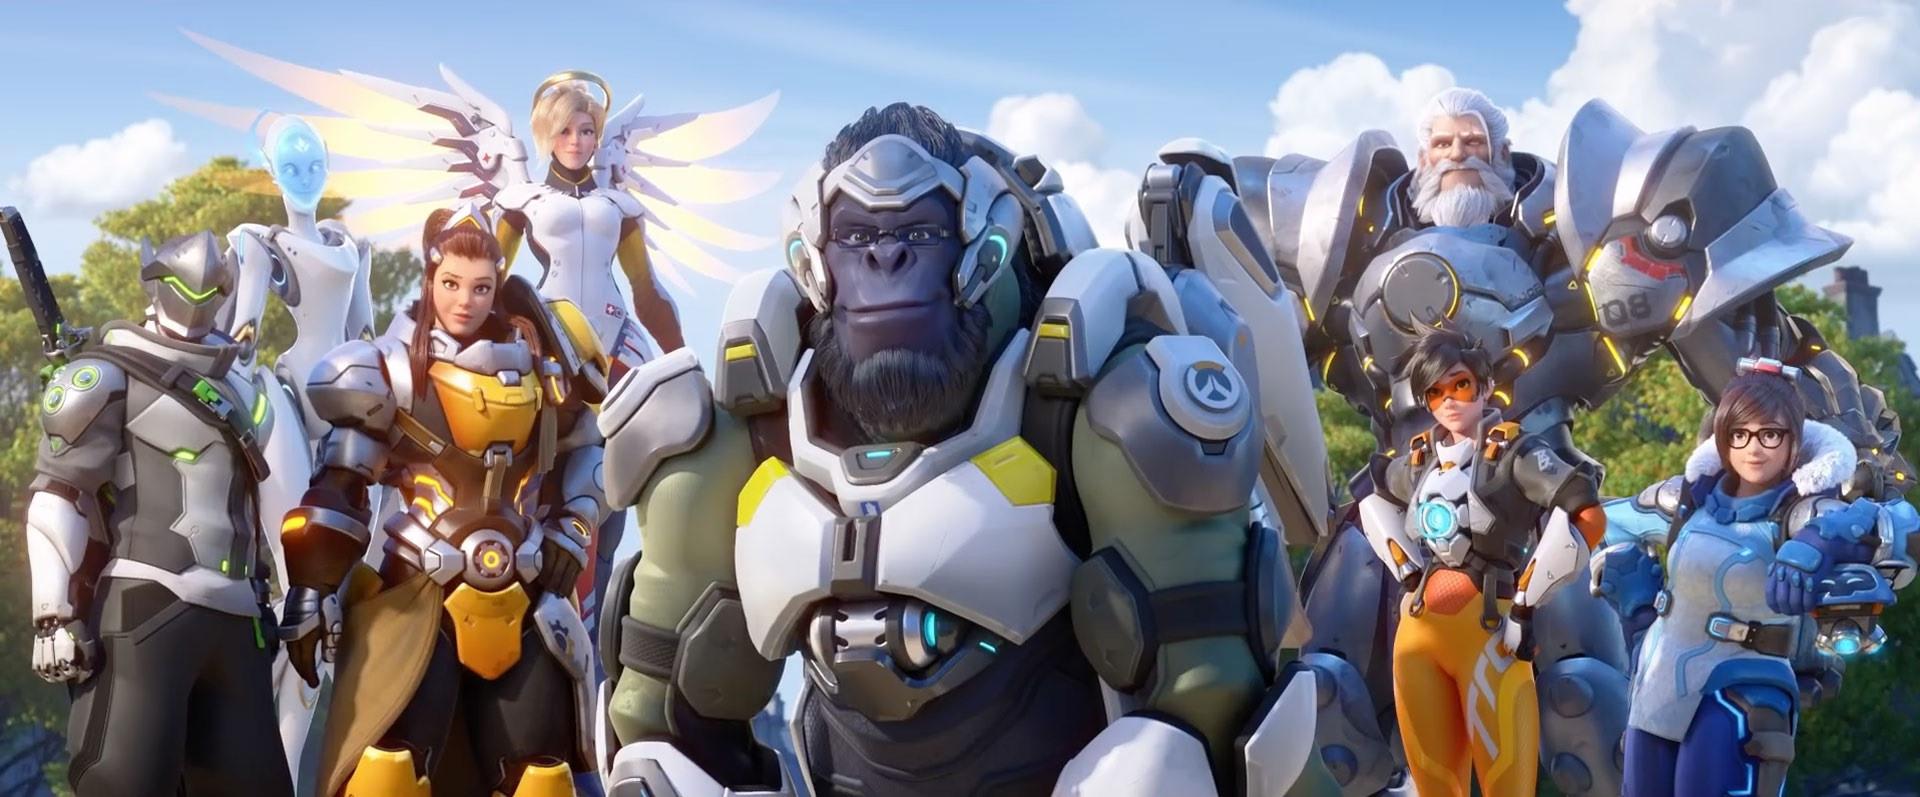 Blizzard - Overwatch 2